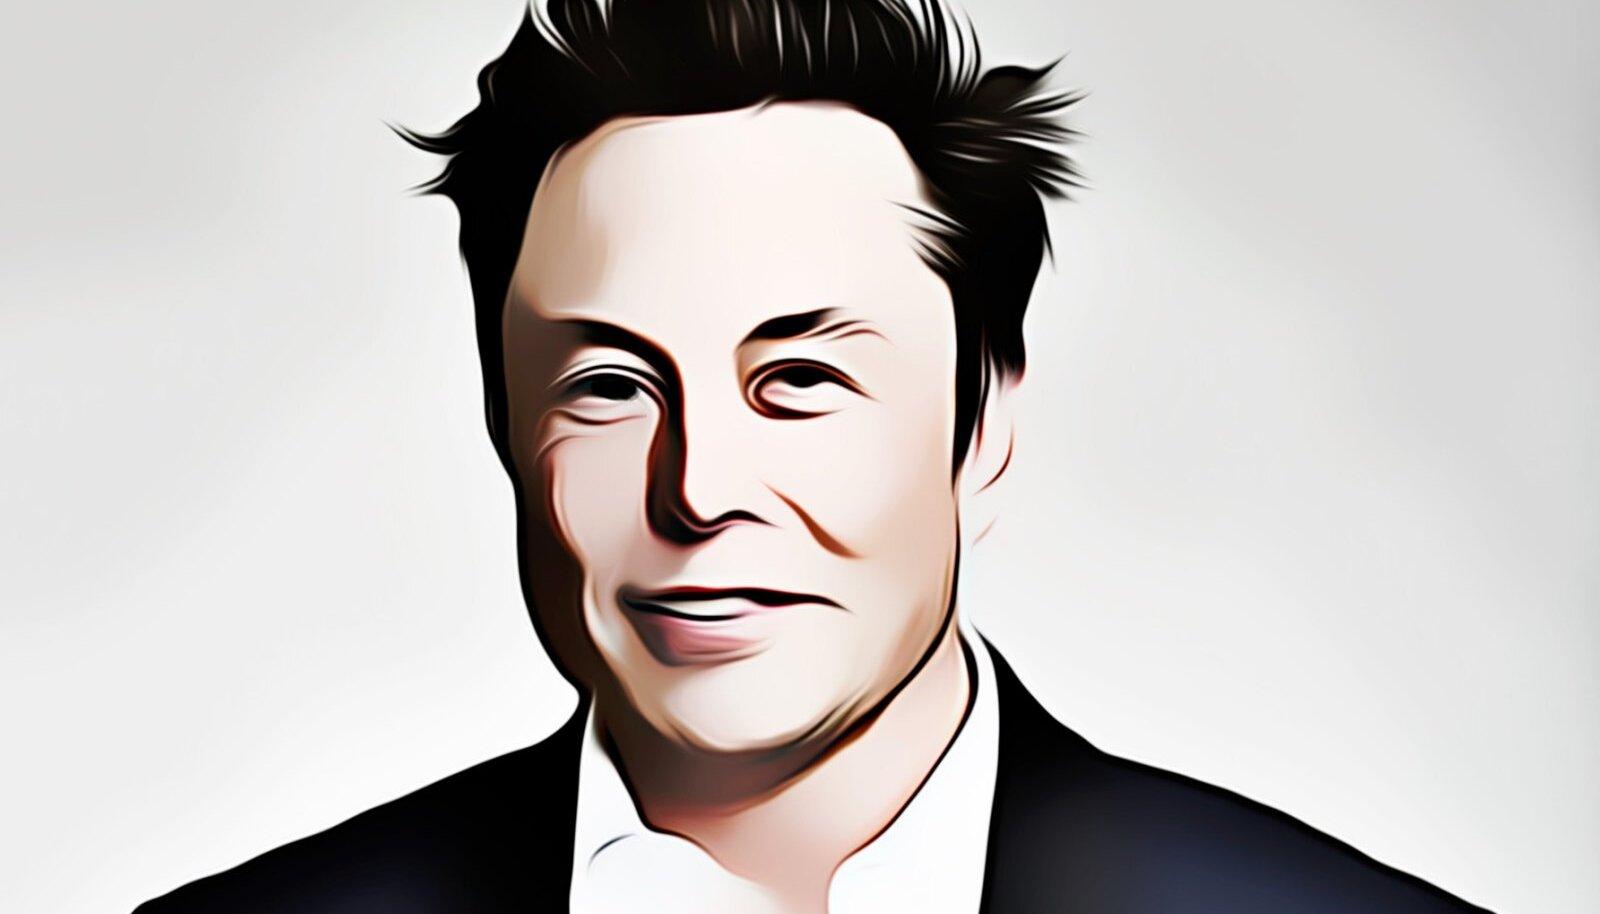 Elon Musk vahelduseks veidi stiliseeritud kujul (Foto: Pixabay / Iván Jesus Rojas)